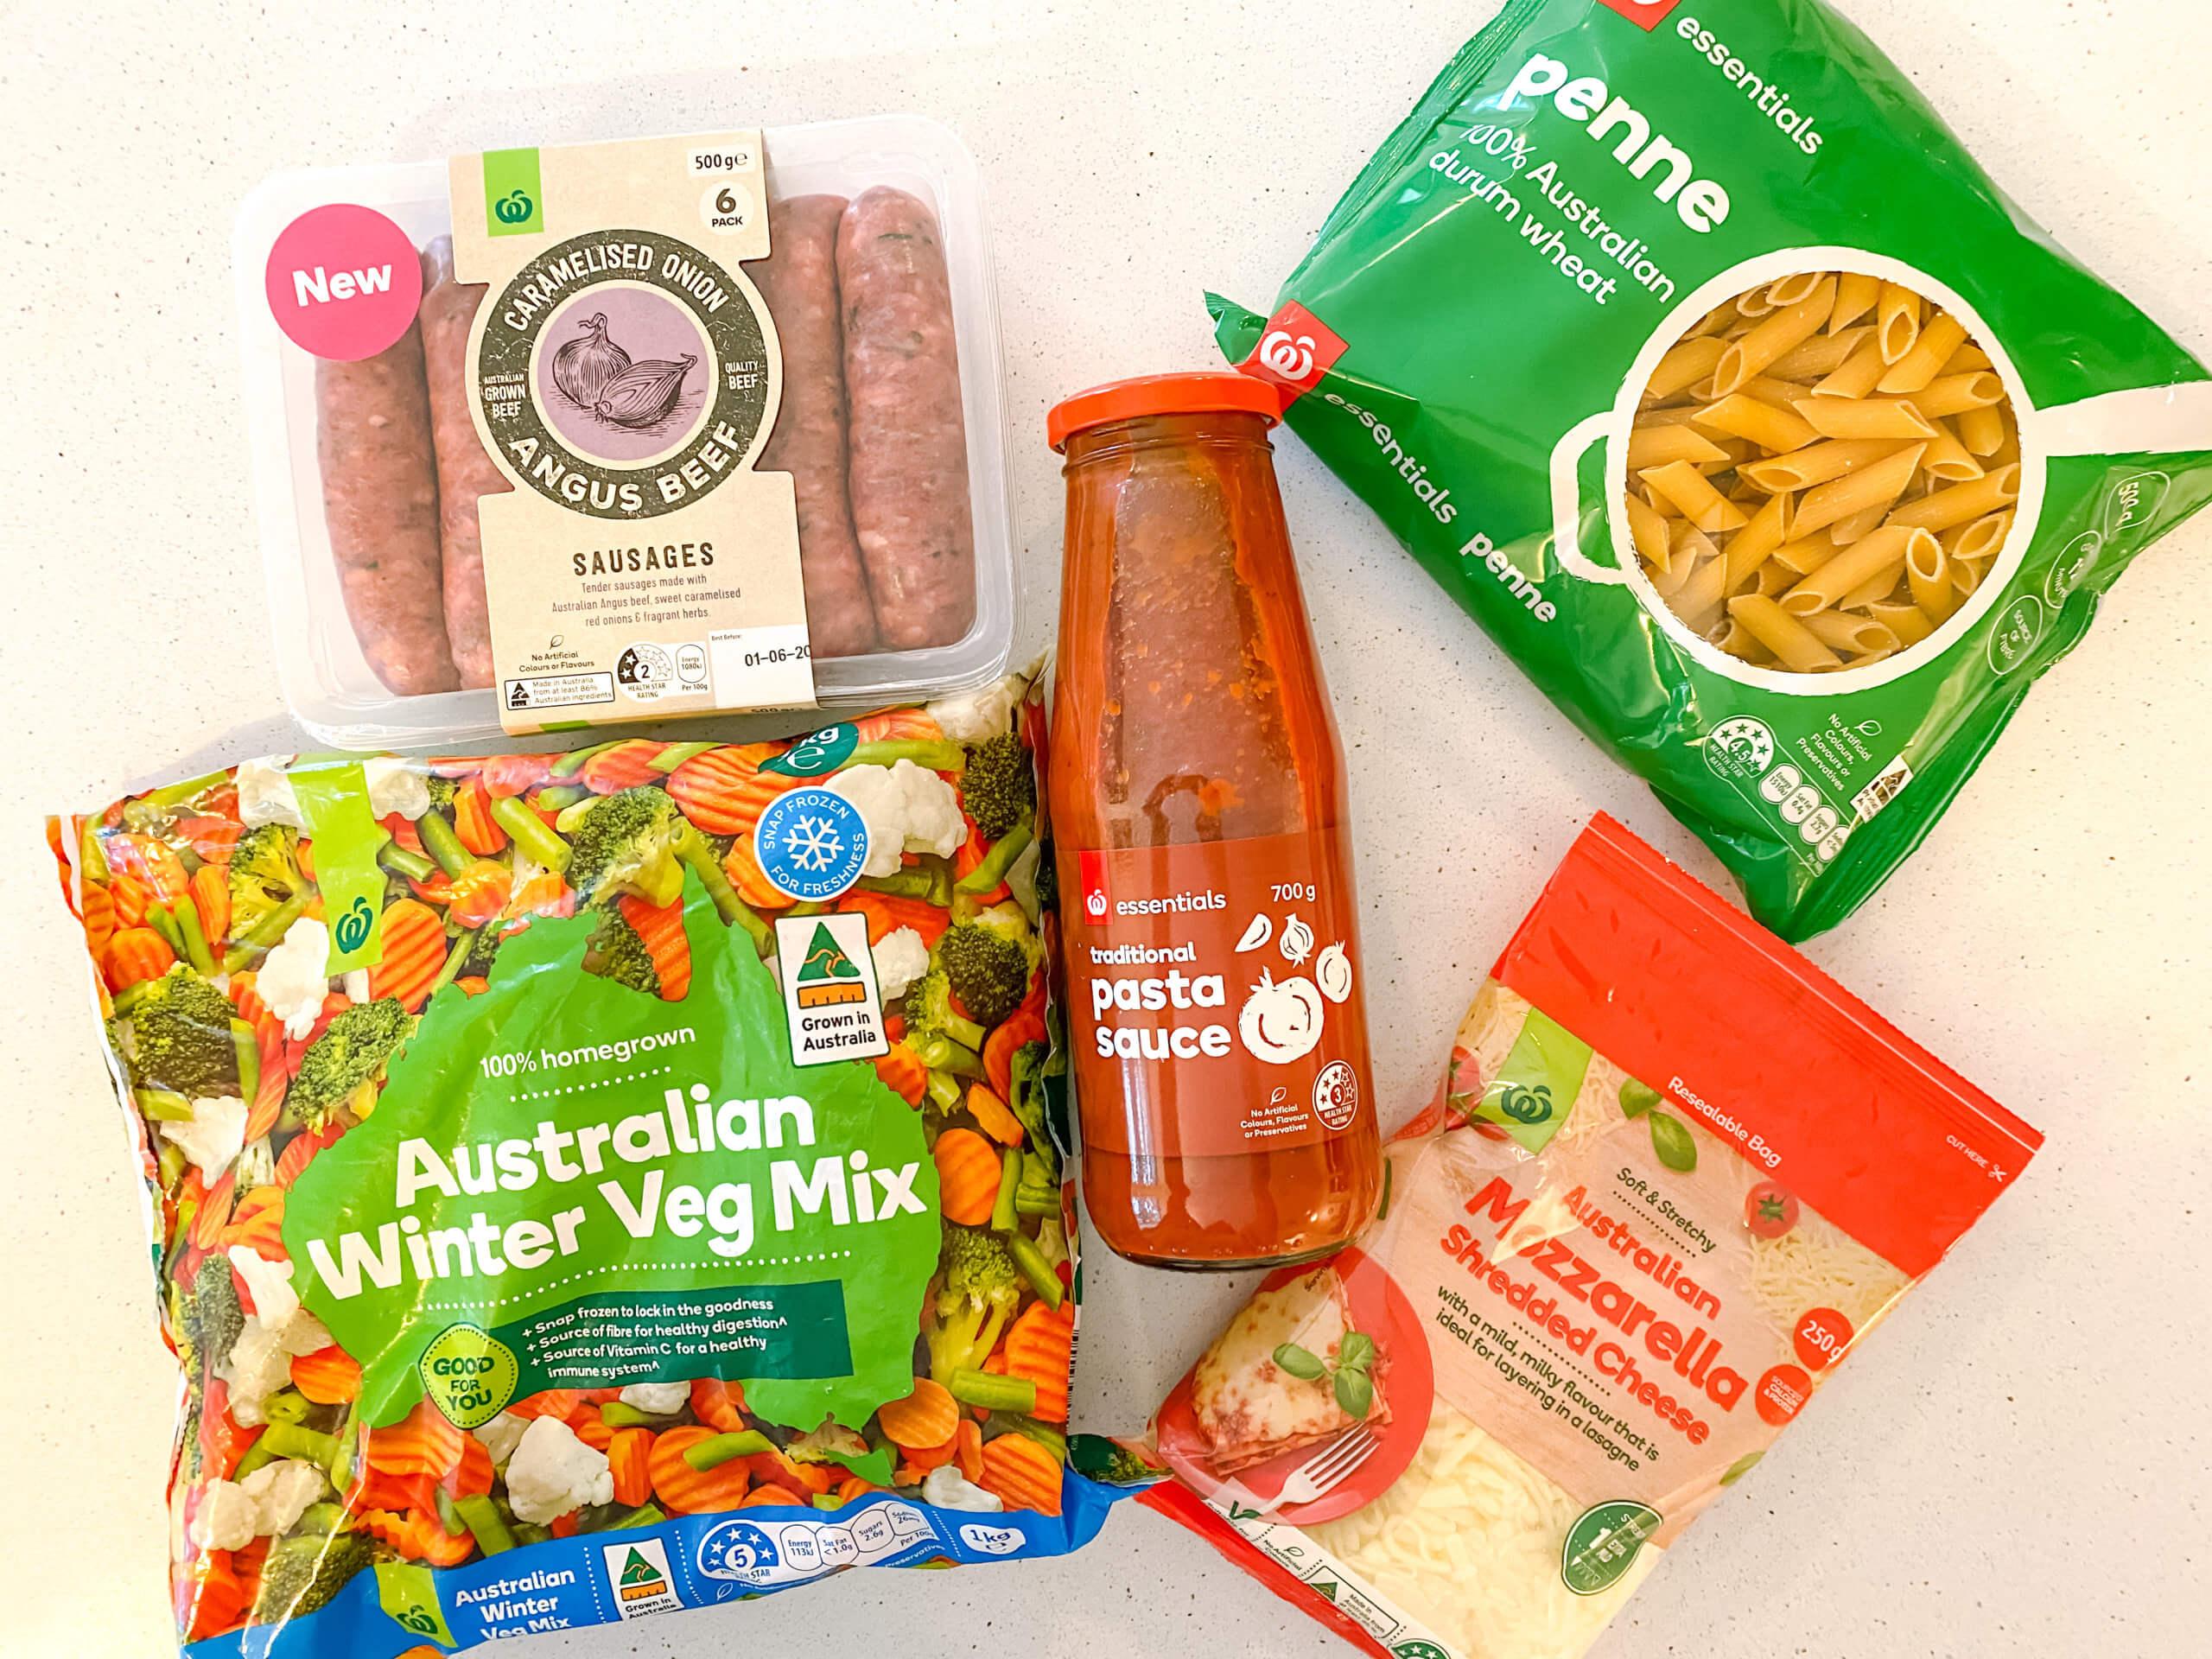 5 Ingredient sausage and vegetable pasta bake